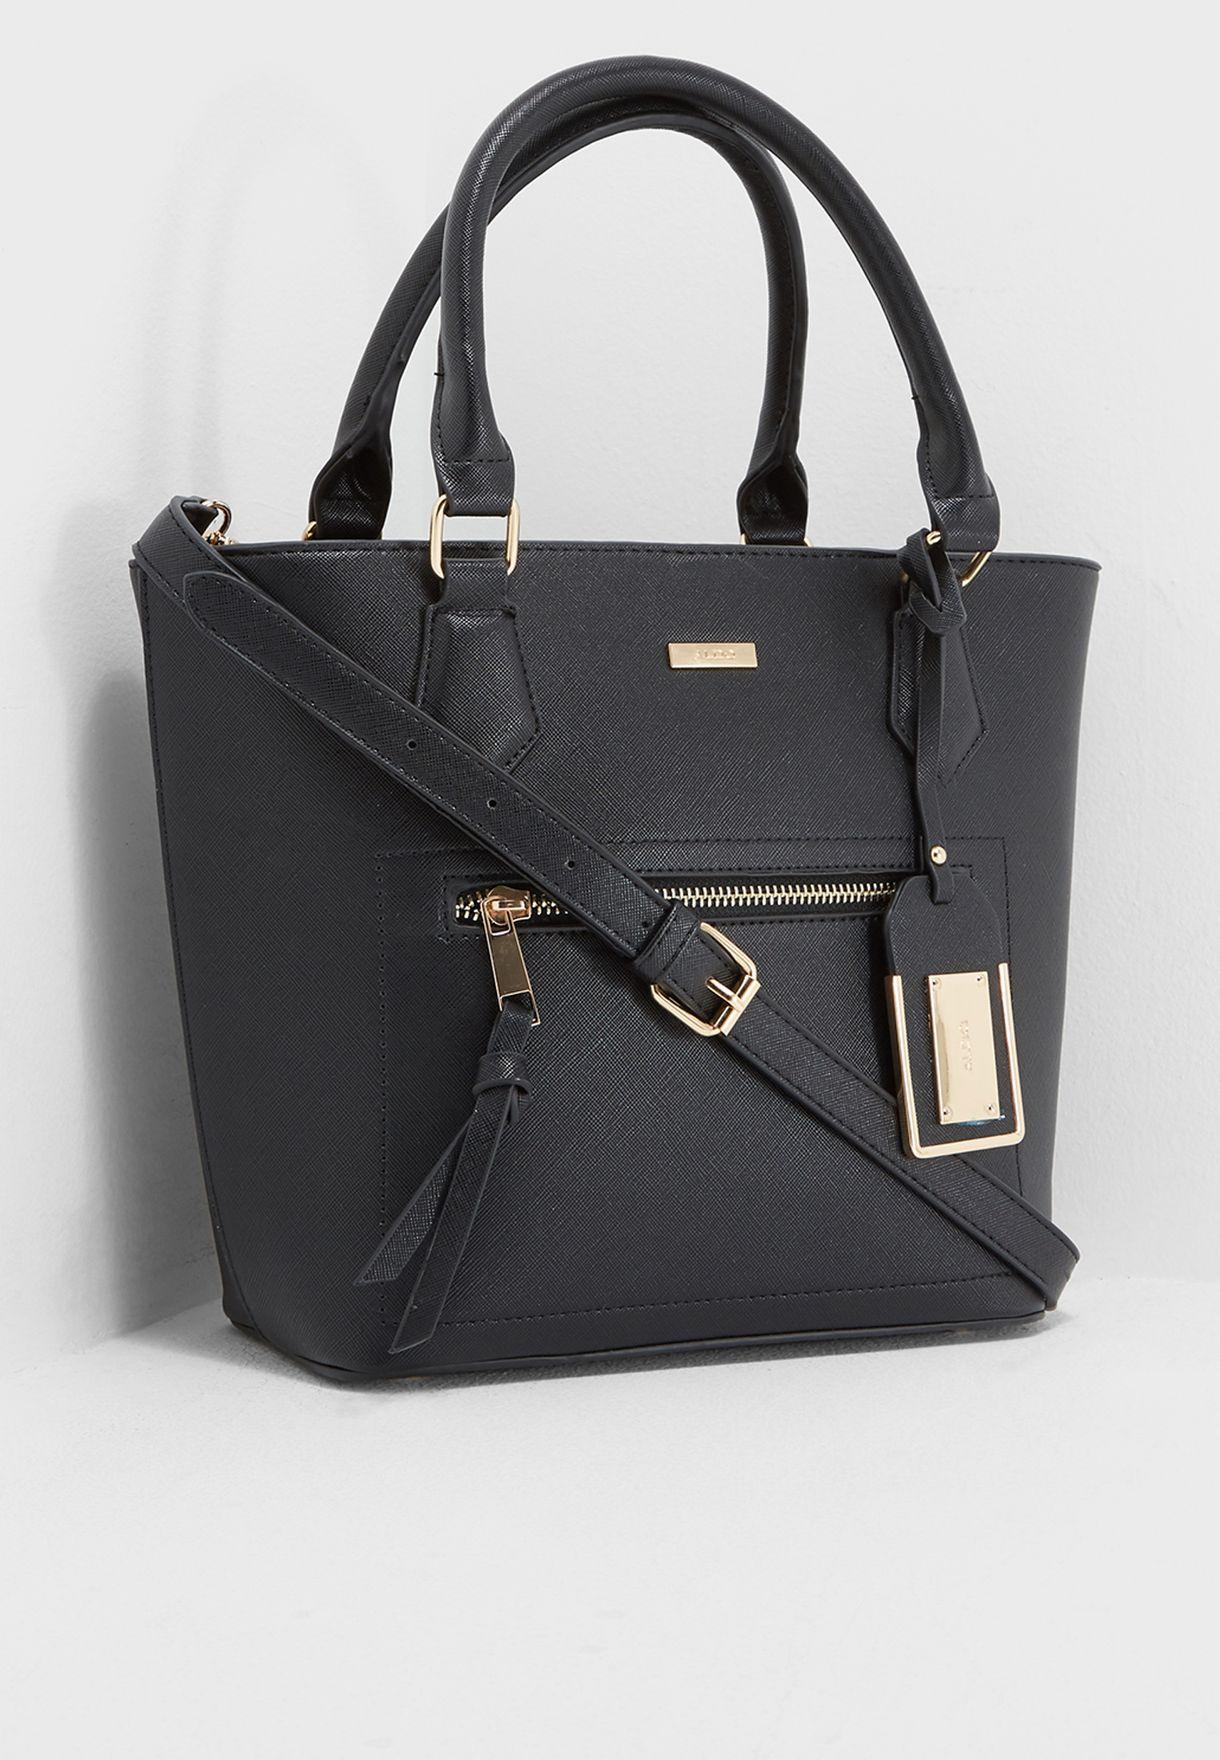 1aec49f5cb3 Shop Aldo black Occimiano Tote OCCIMIANO98 for Women in UAE ...